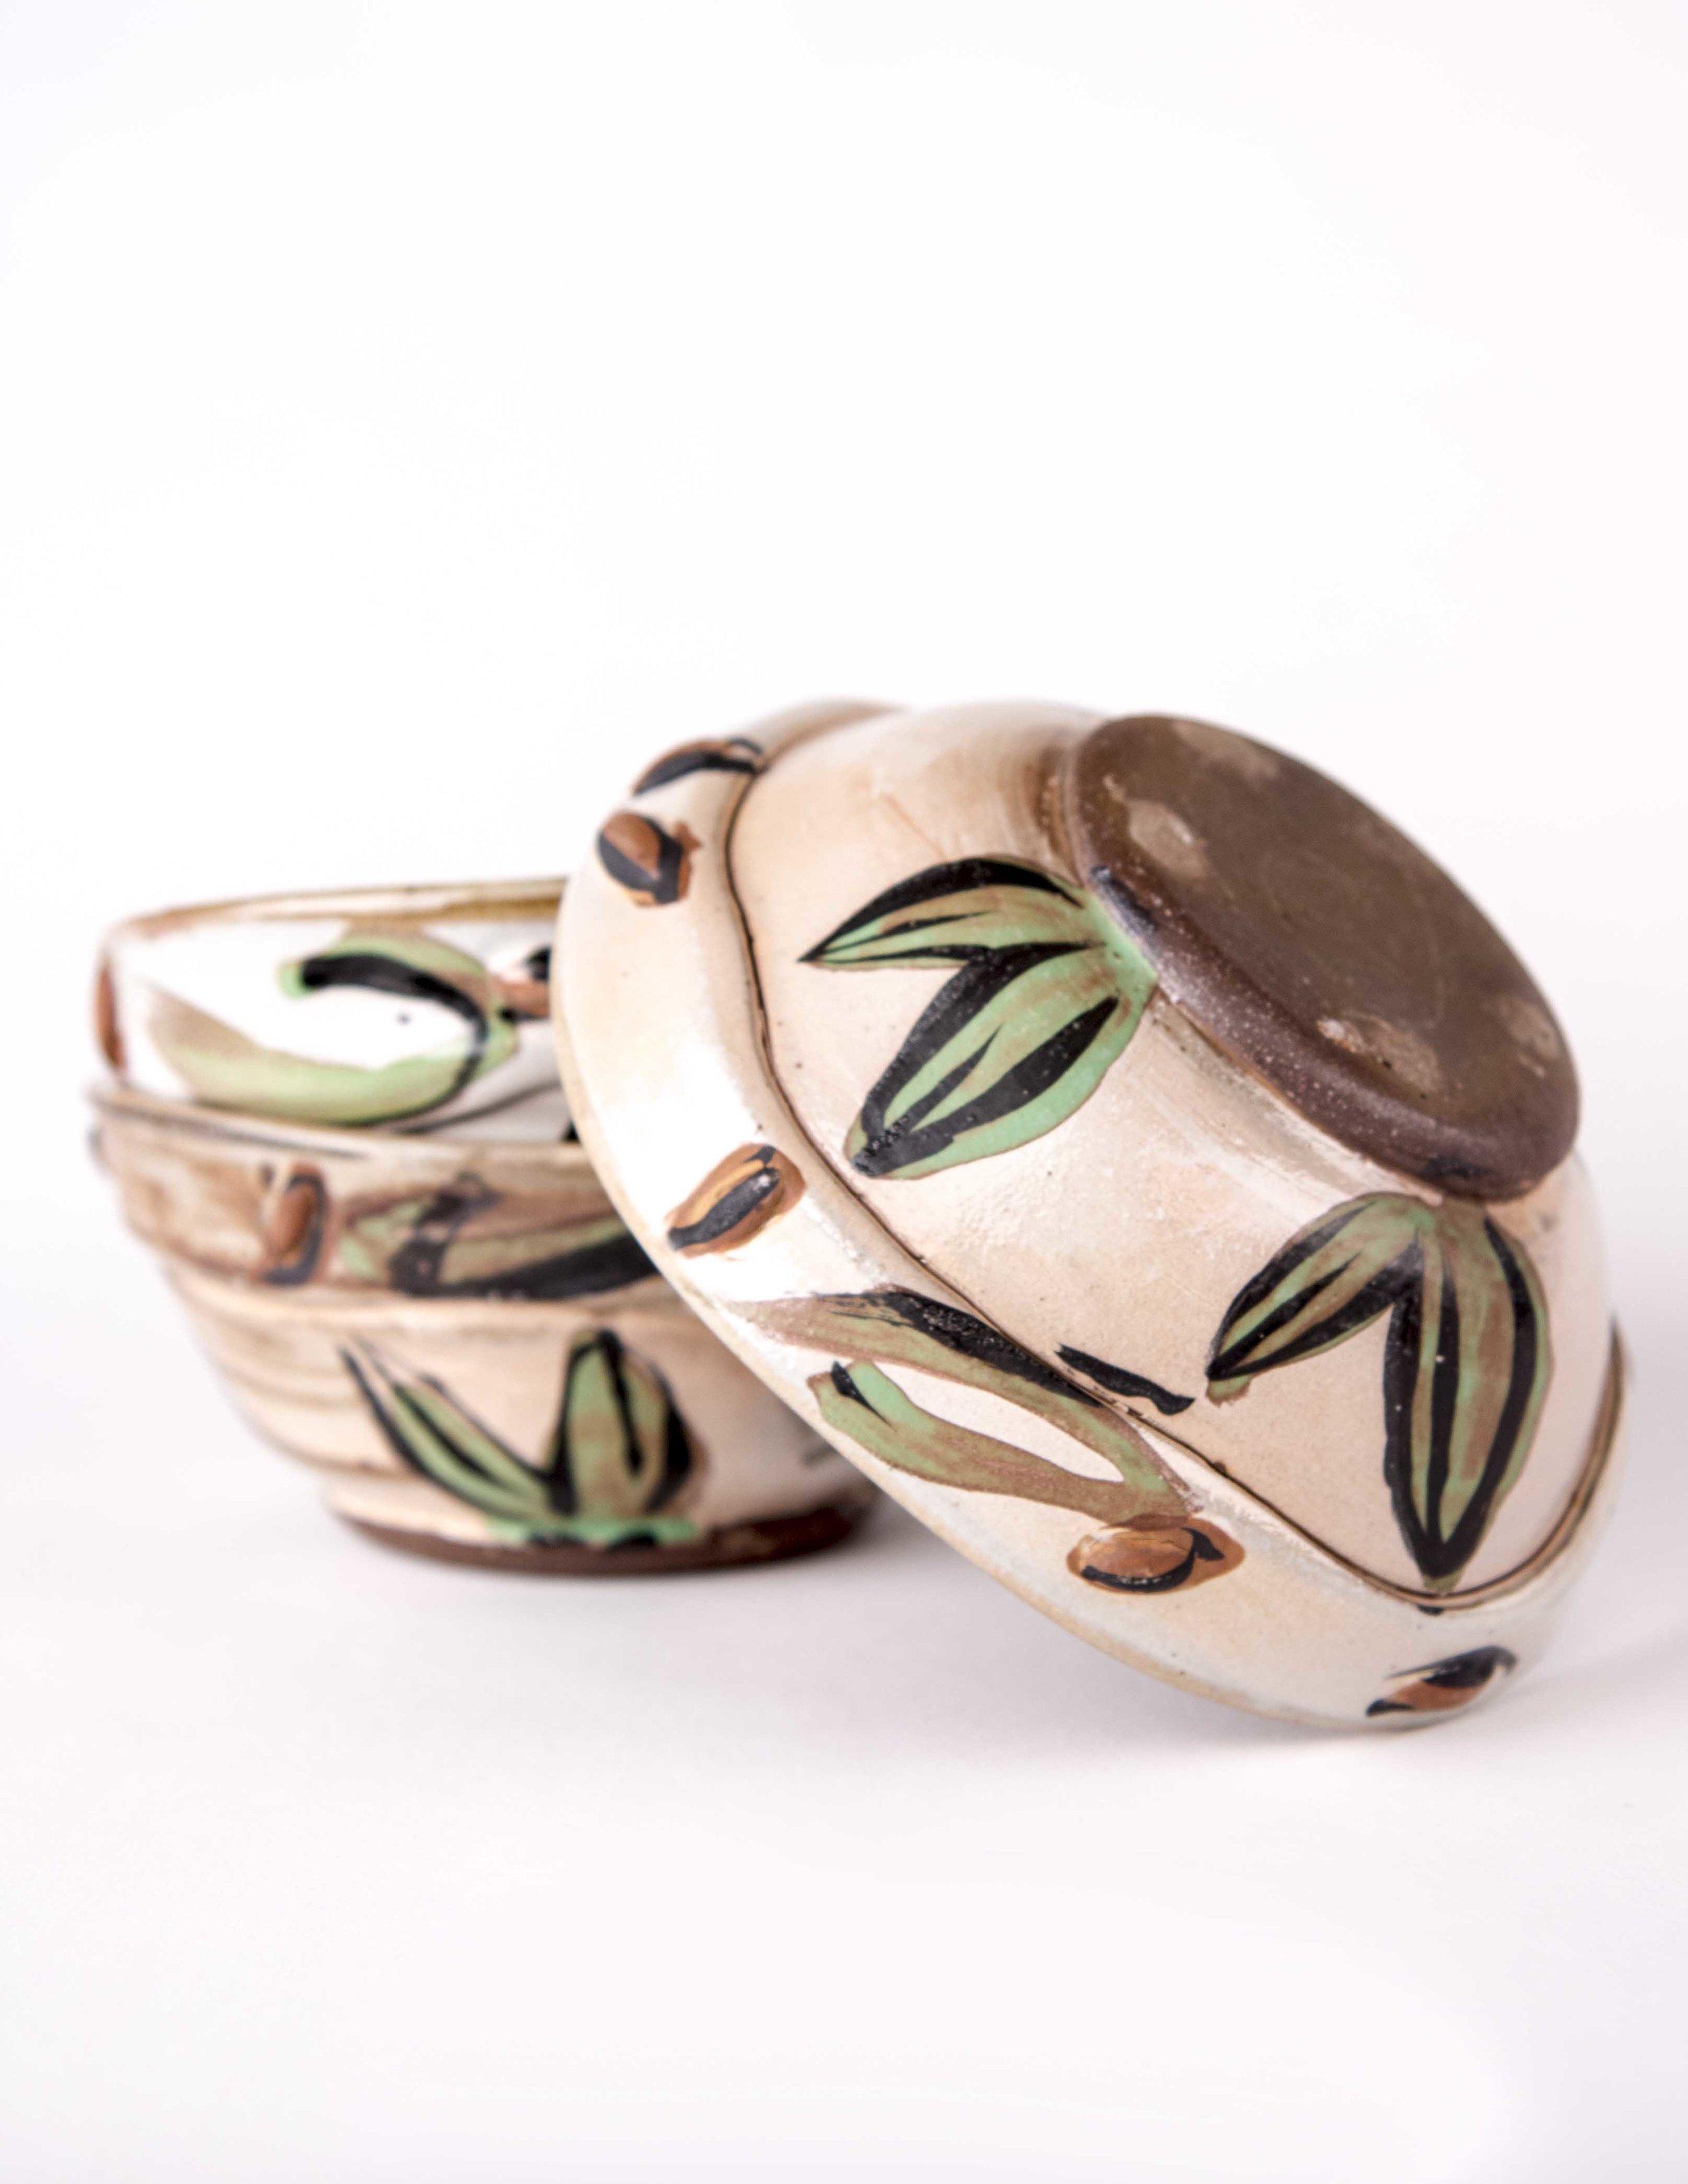 Leaf Bowls Detail